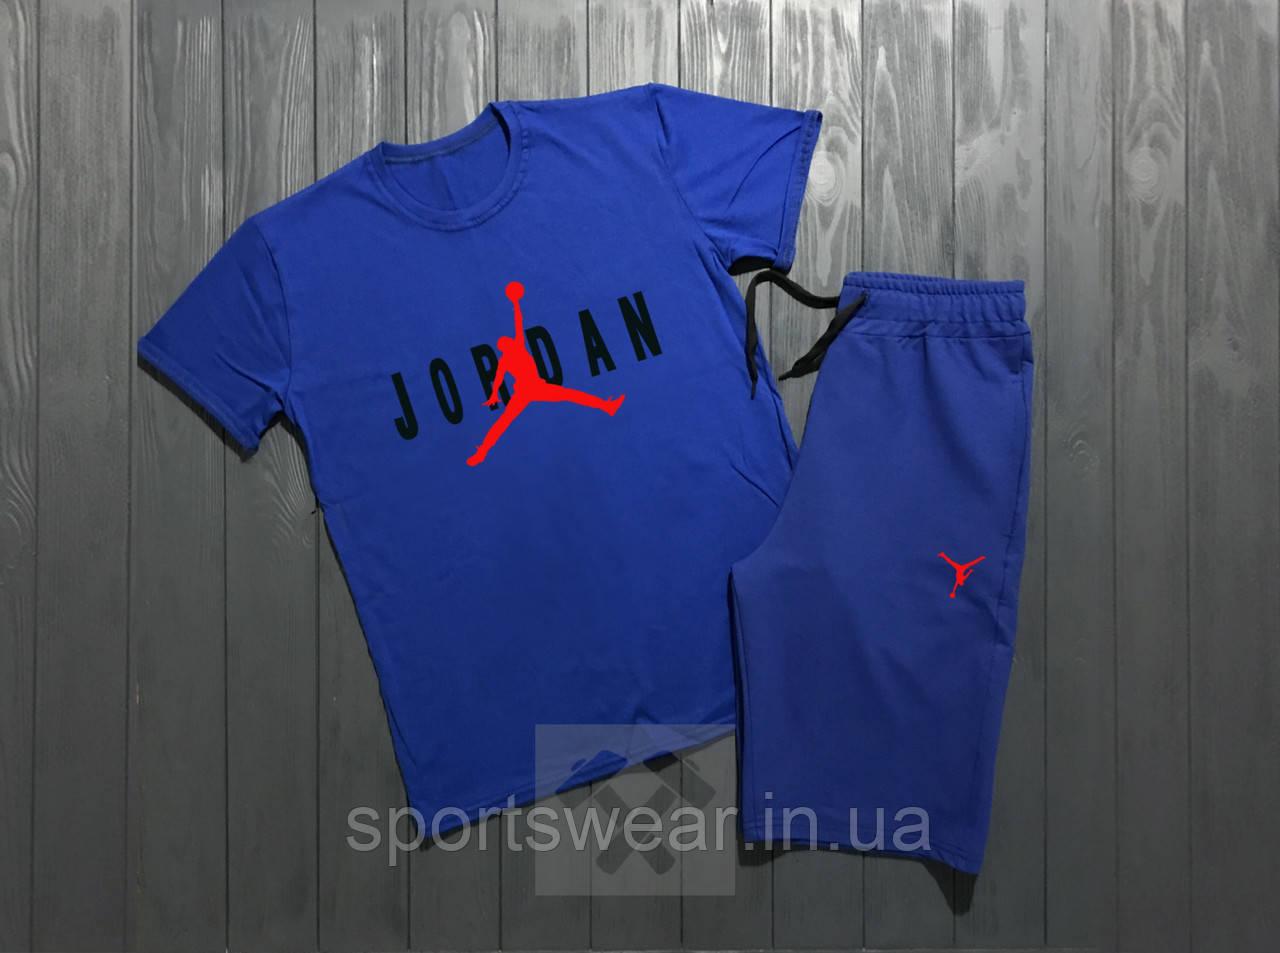 """Мужской комплект футболка + шорты Jordan синего цвета """""""" В стиле Jordan """""""""""